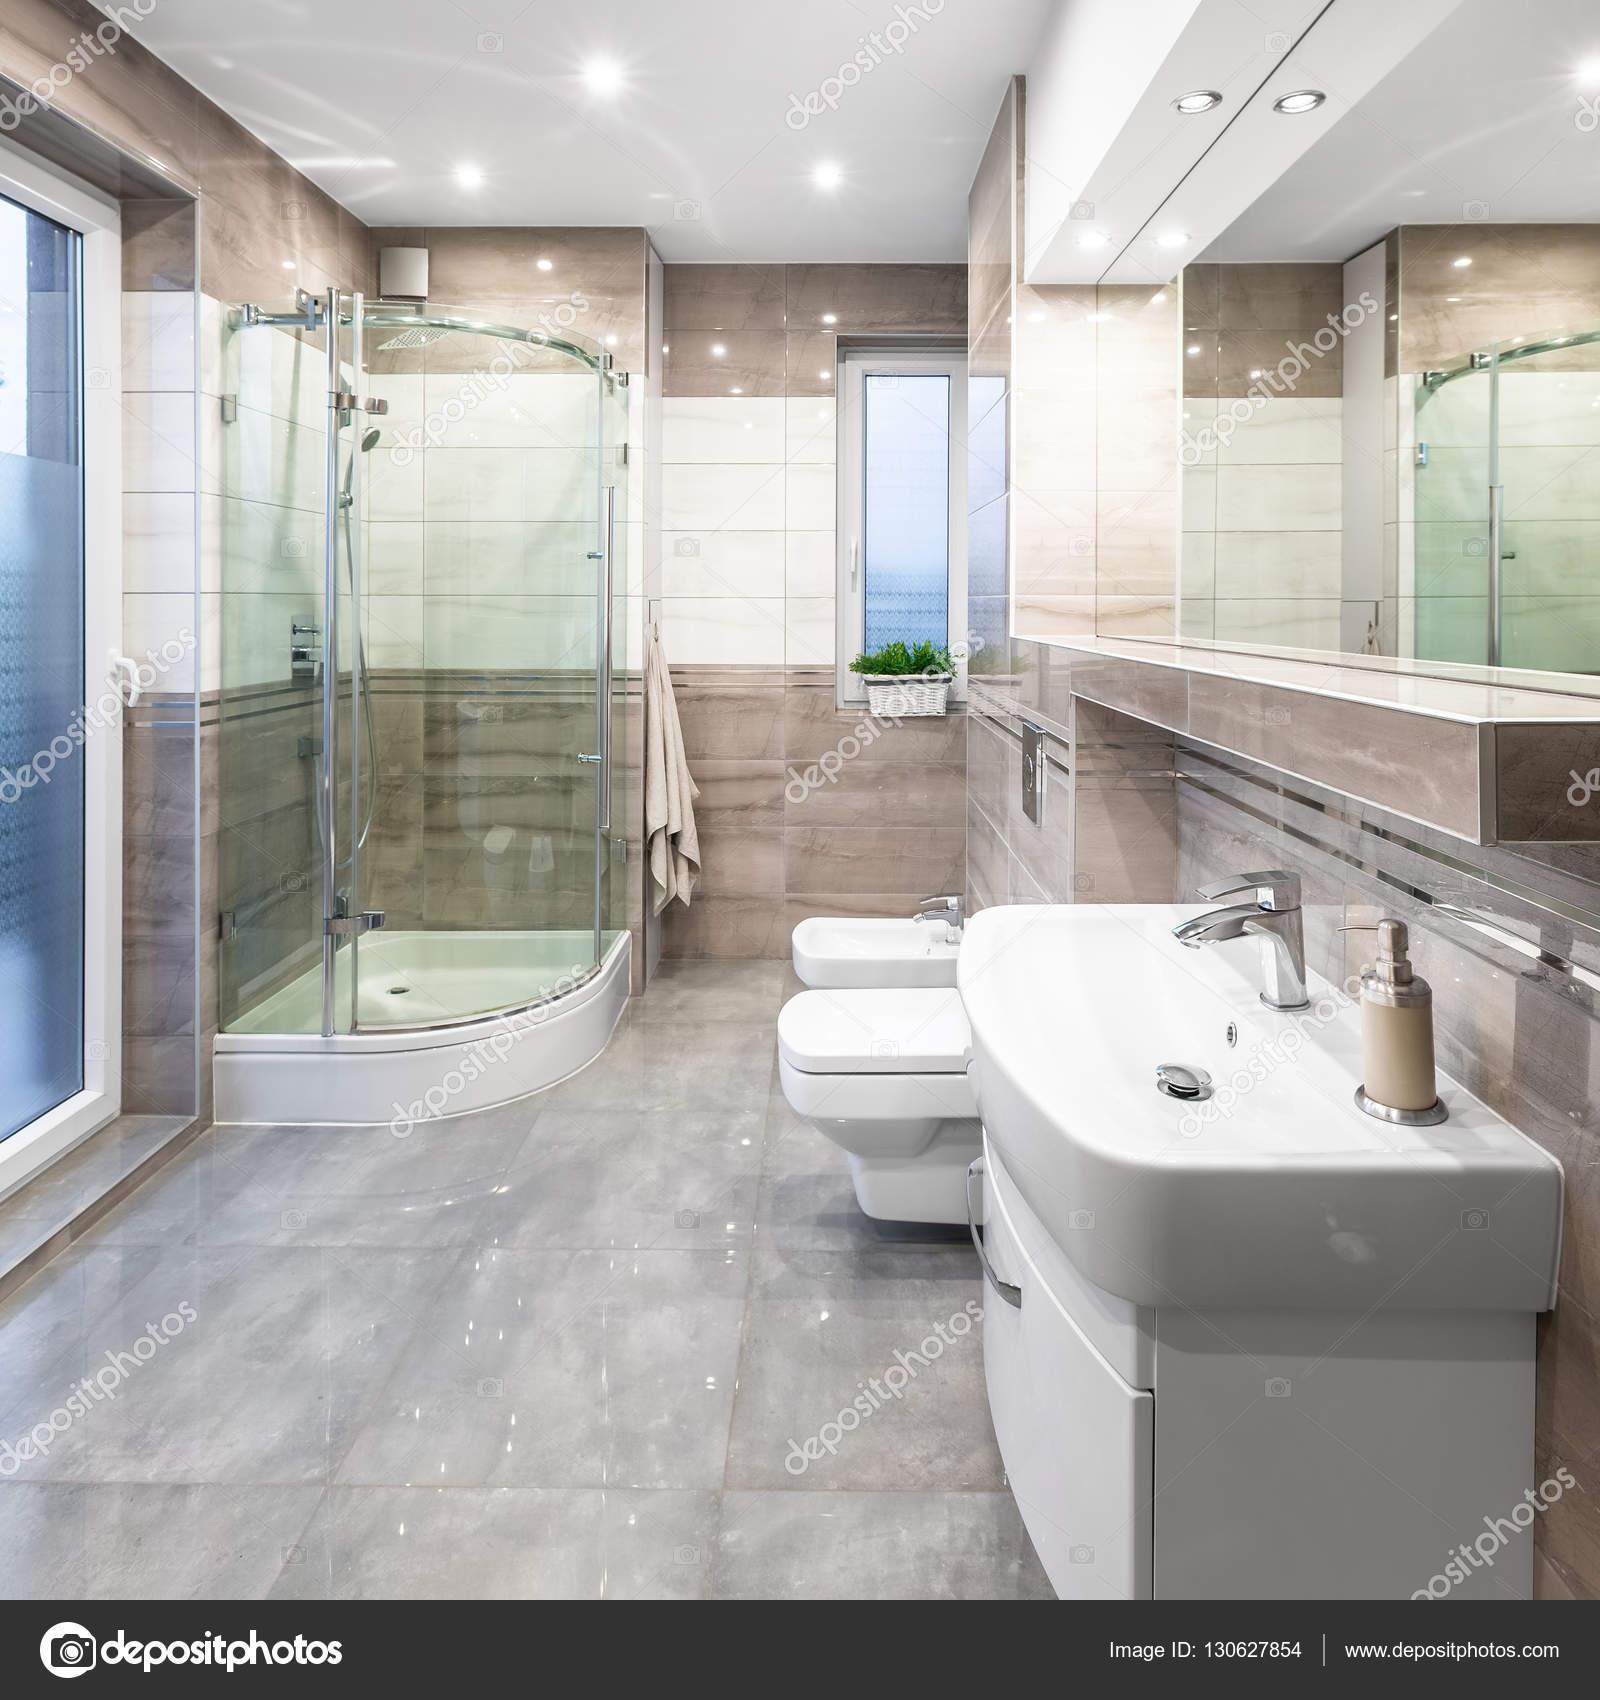 Geräumige Hochglanz Badezimmer Mit Waschbecken, Spiegel, WC, Bidet Und  Dusche U2014 Foto Von In4mal